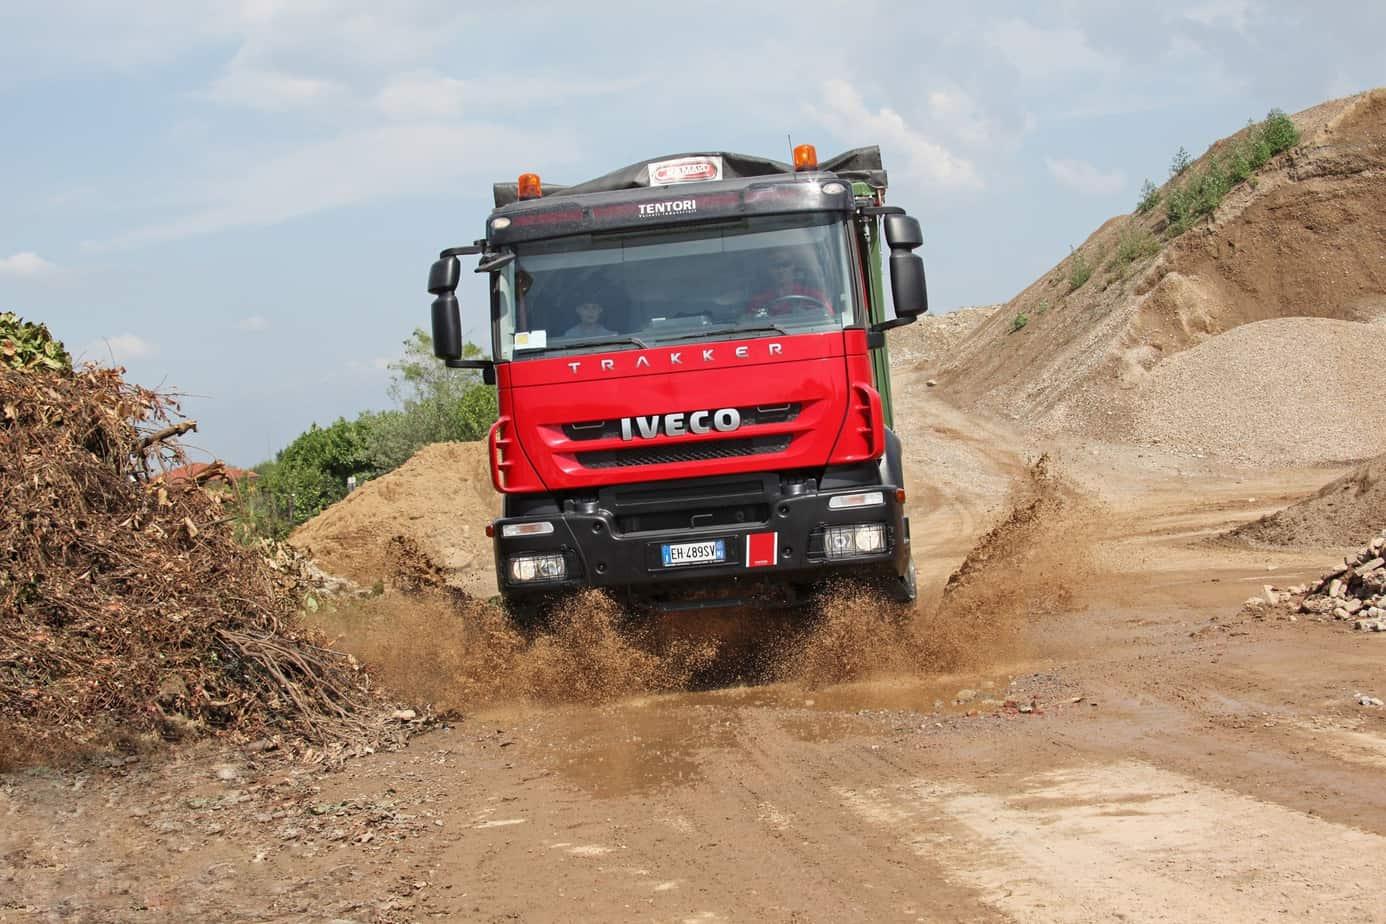 Esempio di fondo stradale che rappresenta applicazioni tipiche dei mezzi d'opera: fango, terriccio e ghiaia, asfalto